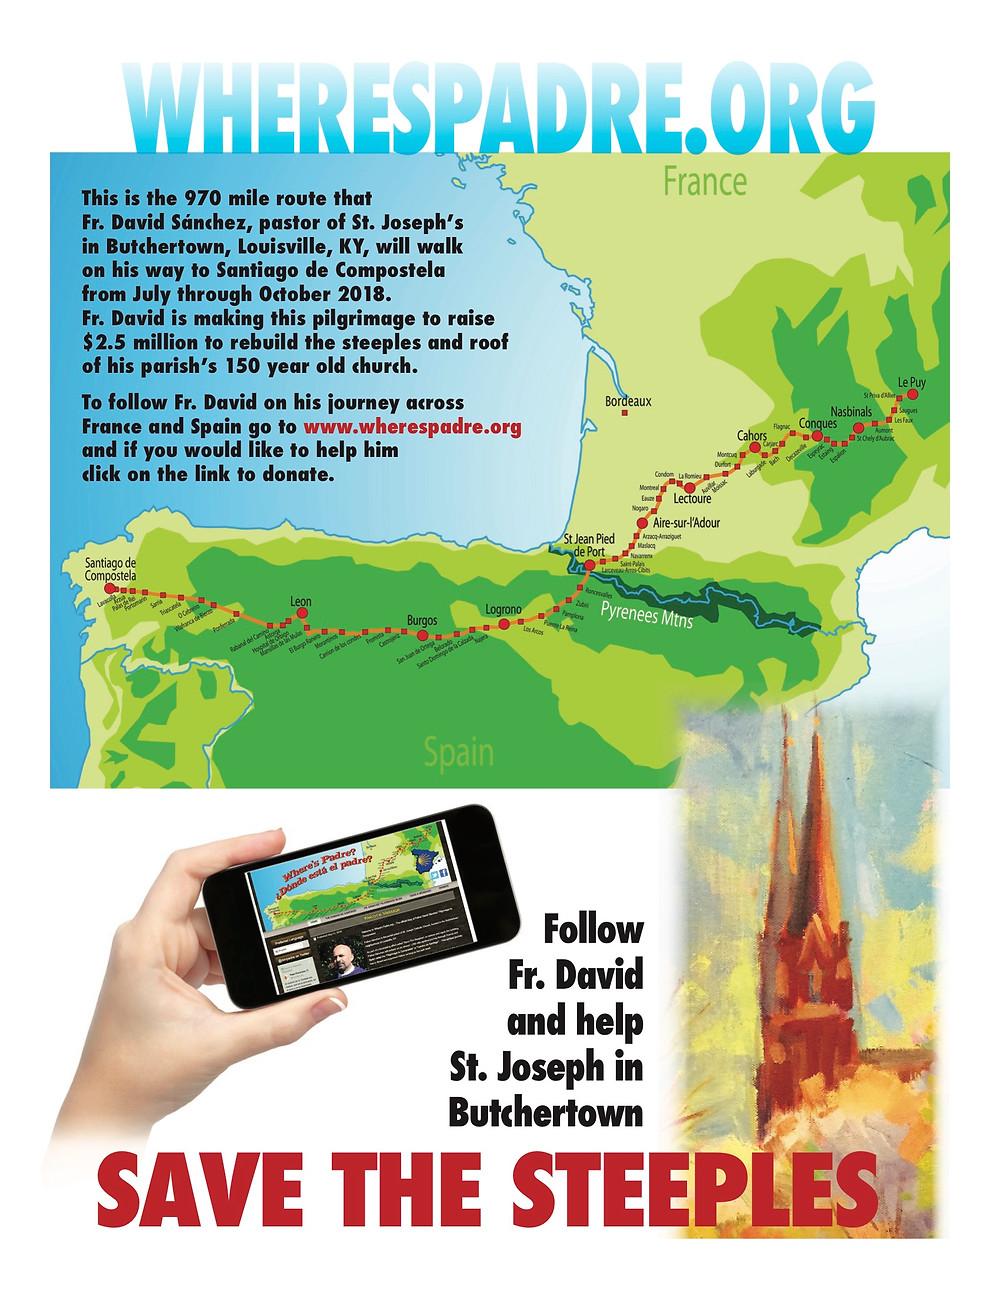 Ruta de la caminata que seguirá el Padre David Sánchez para recolectar fondos para salvar las torres de la Iglesia de San Jose.